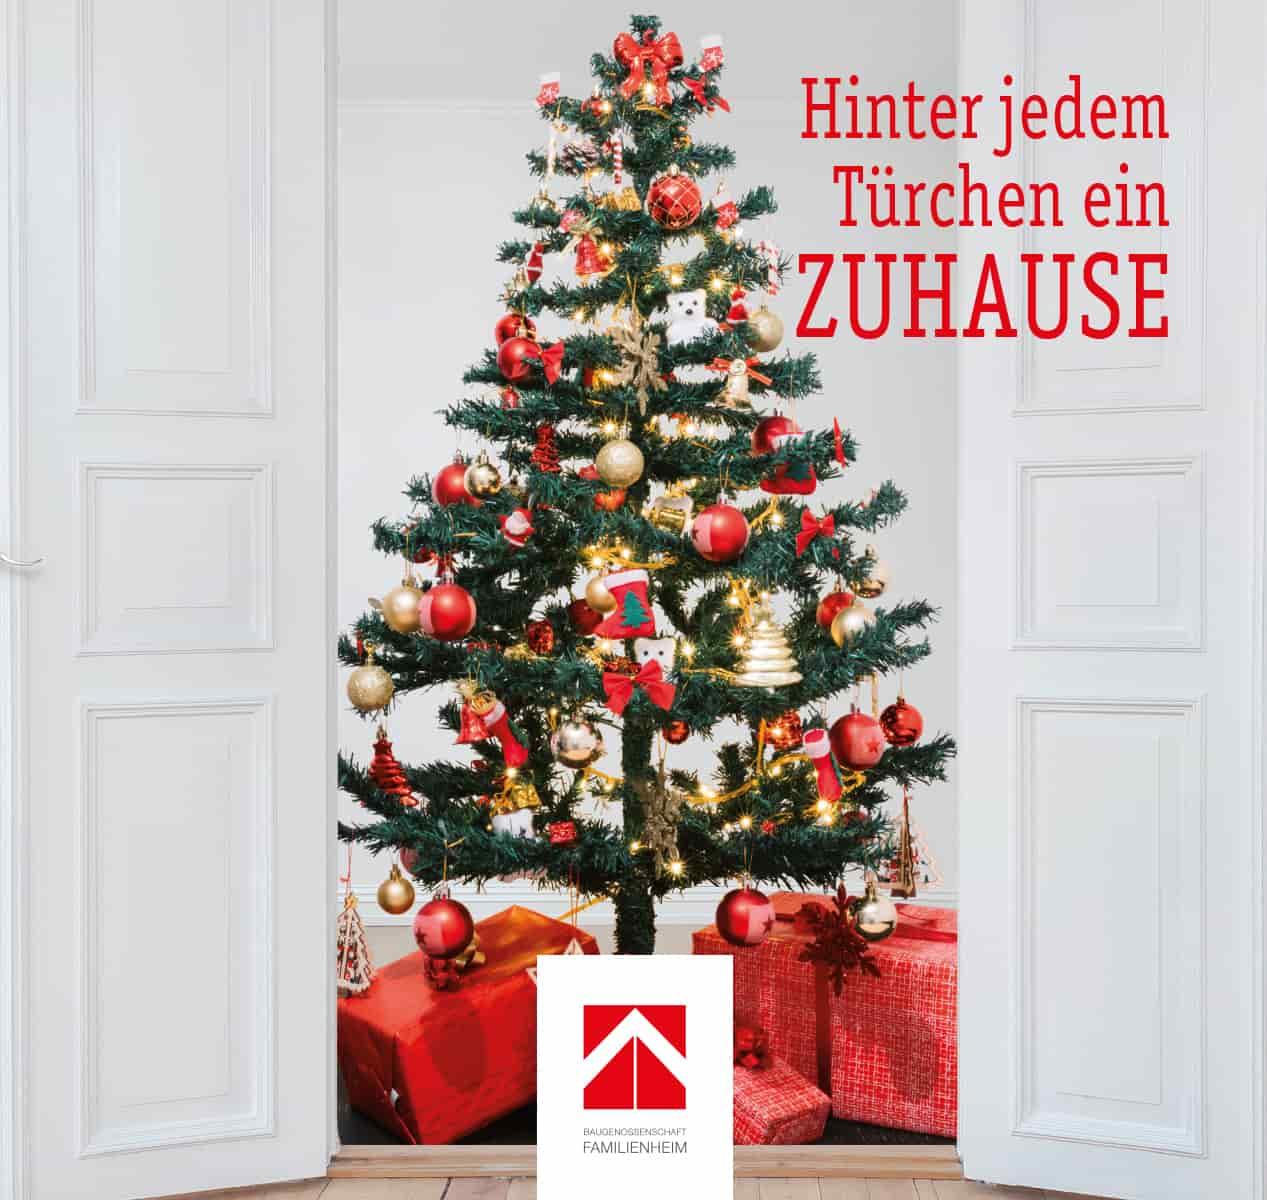 Weihnachtsbaum Familienheim